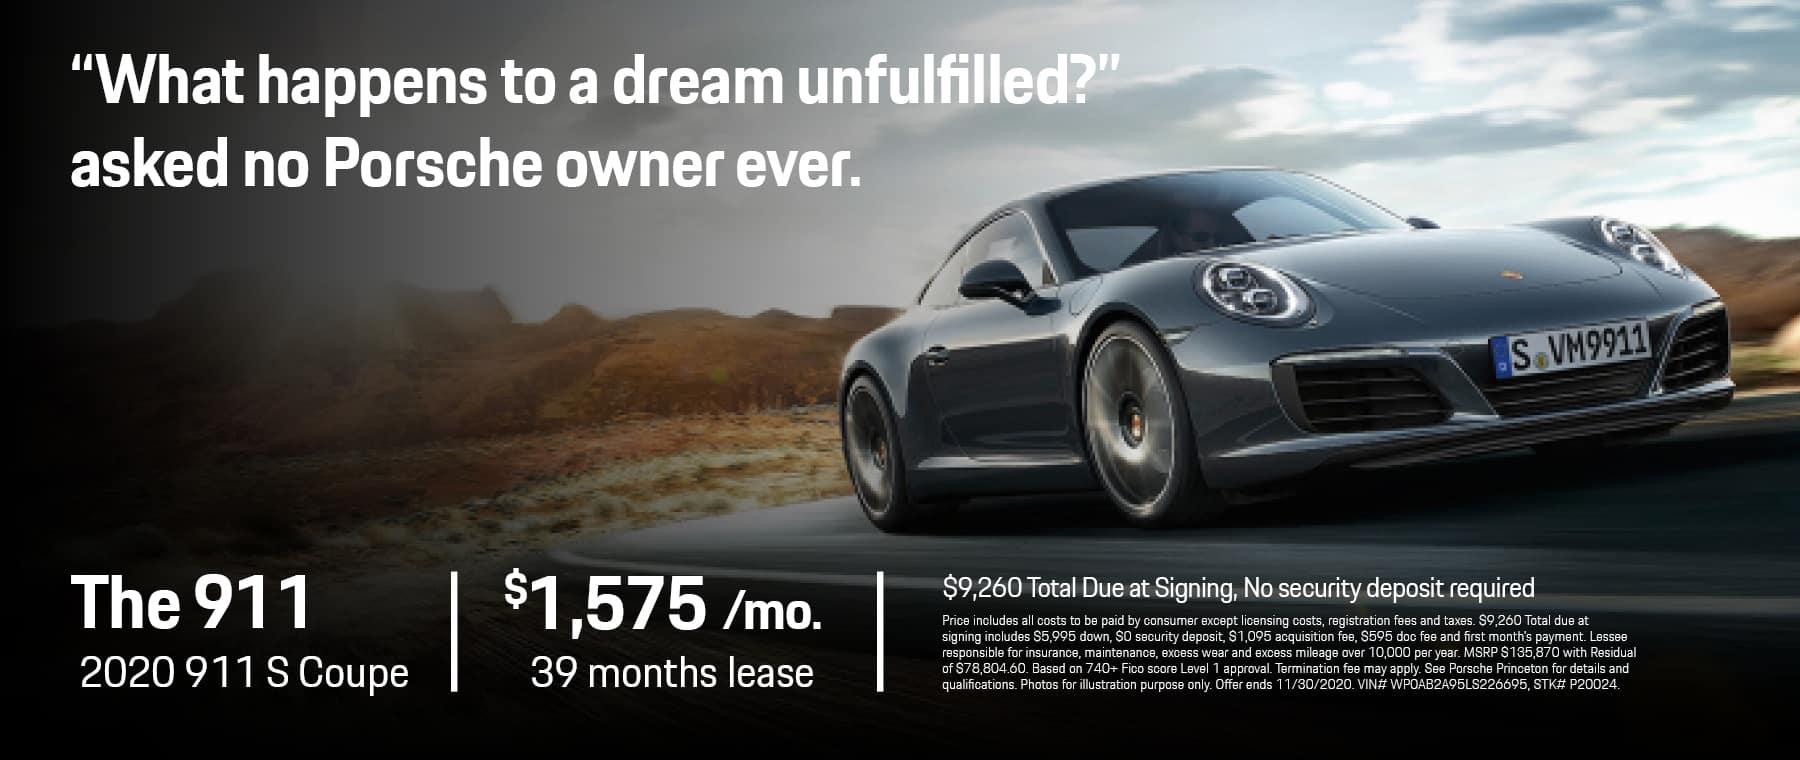 Princeton-Porsche 1800 x 760 October 2020 Coupe v01